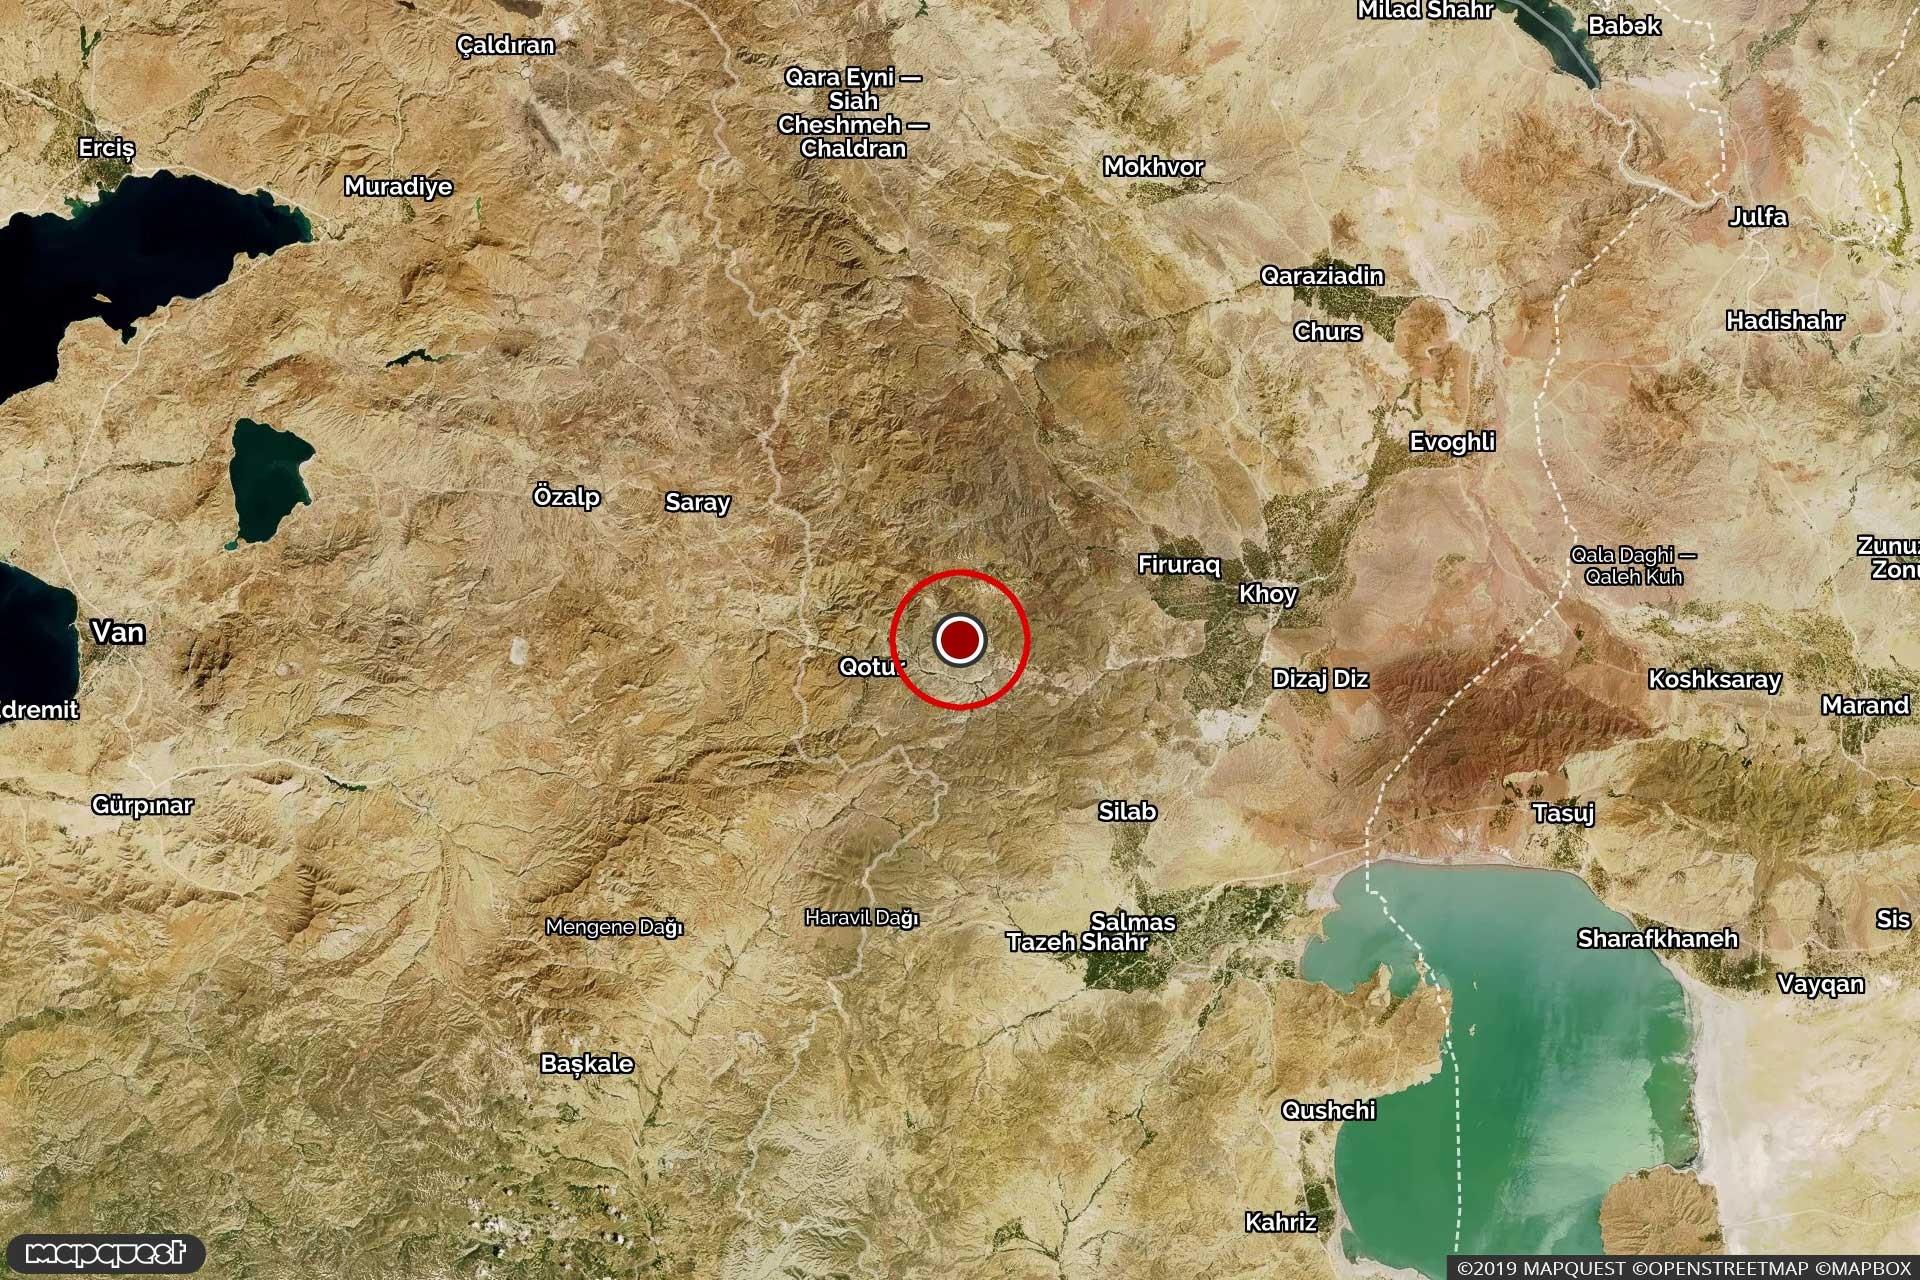 İran ve Türkiye sınırında yer alan İran Khoy'da meydana gelen depremin harita üzerinde gösterimi.